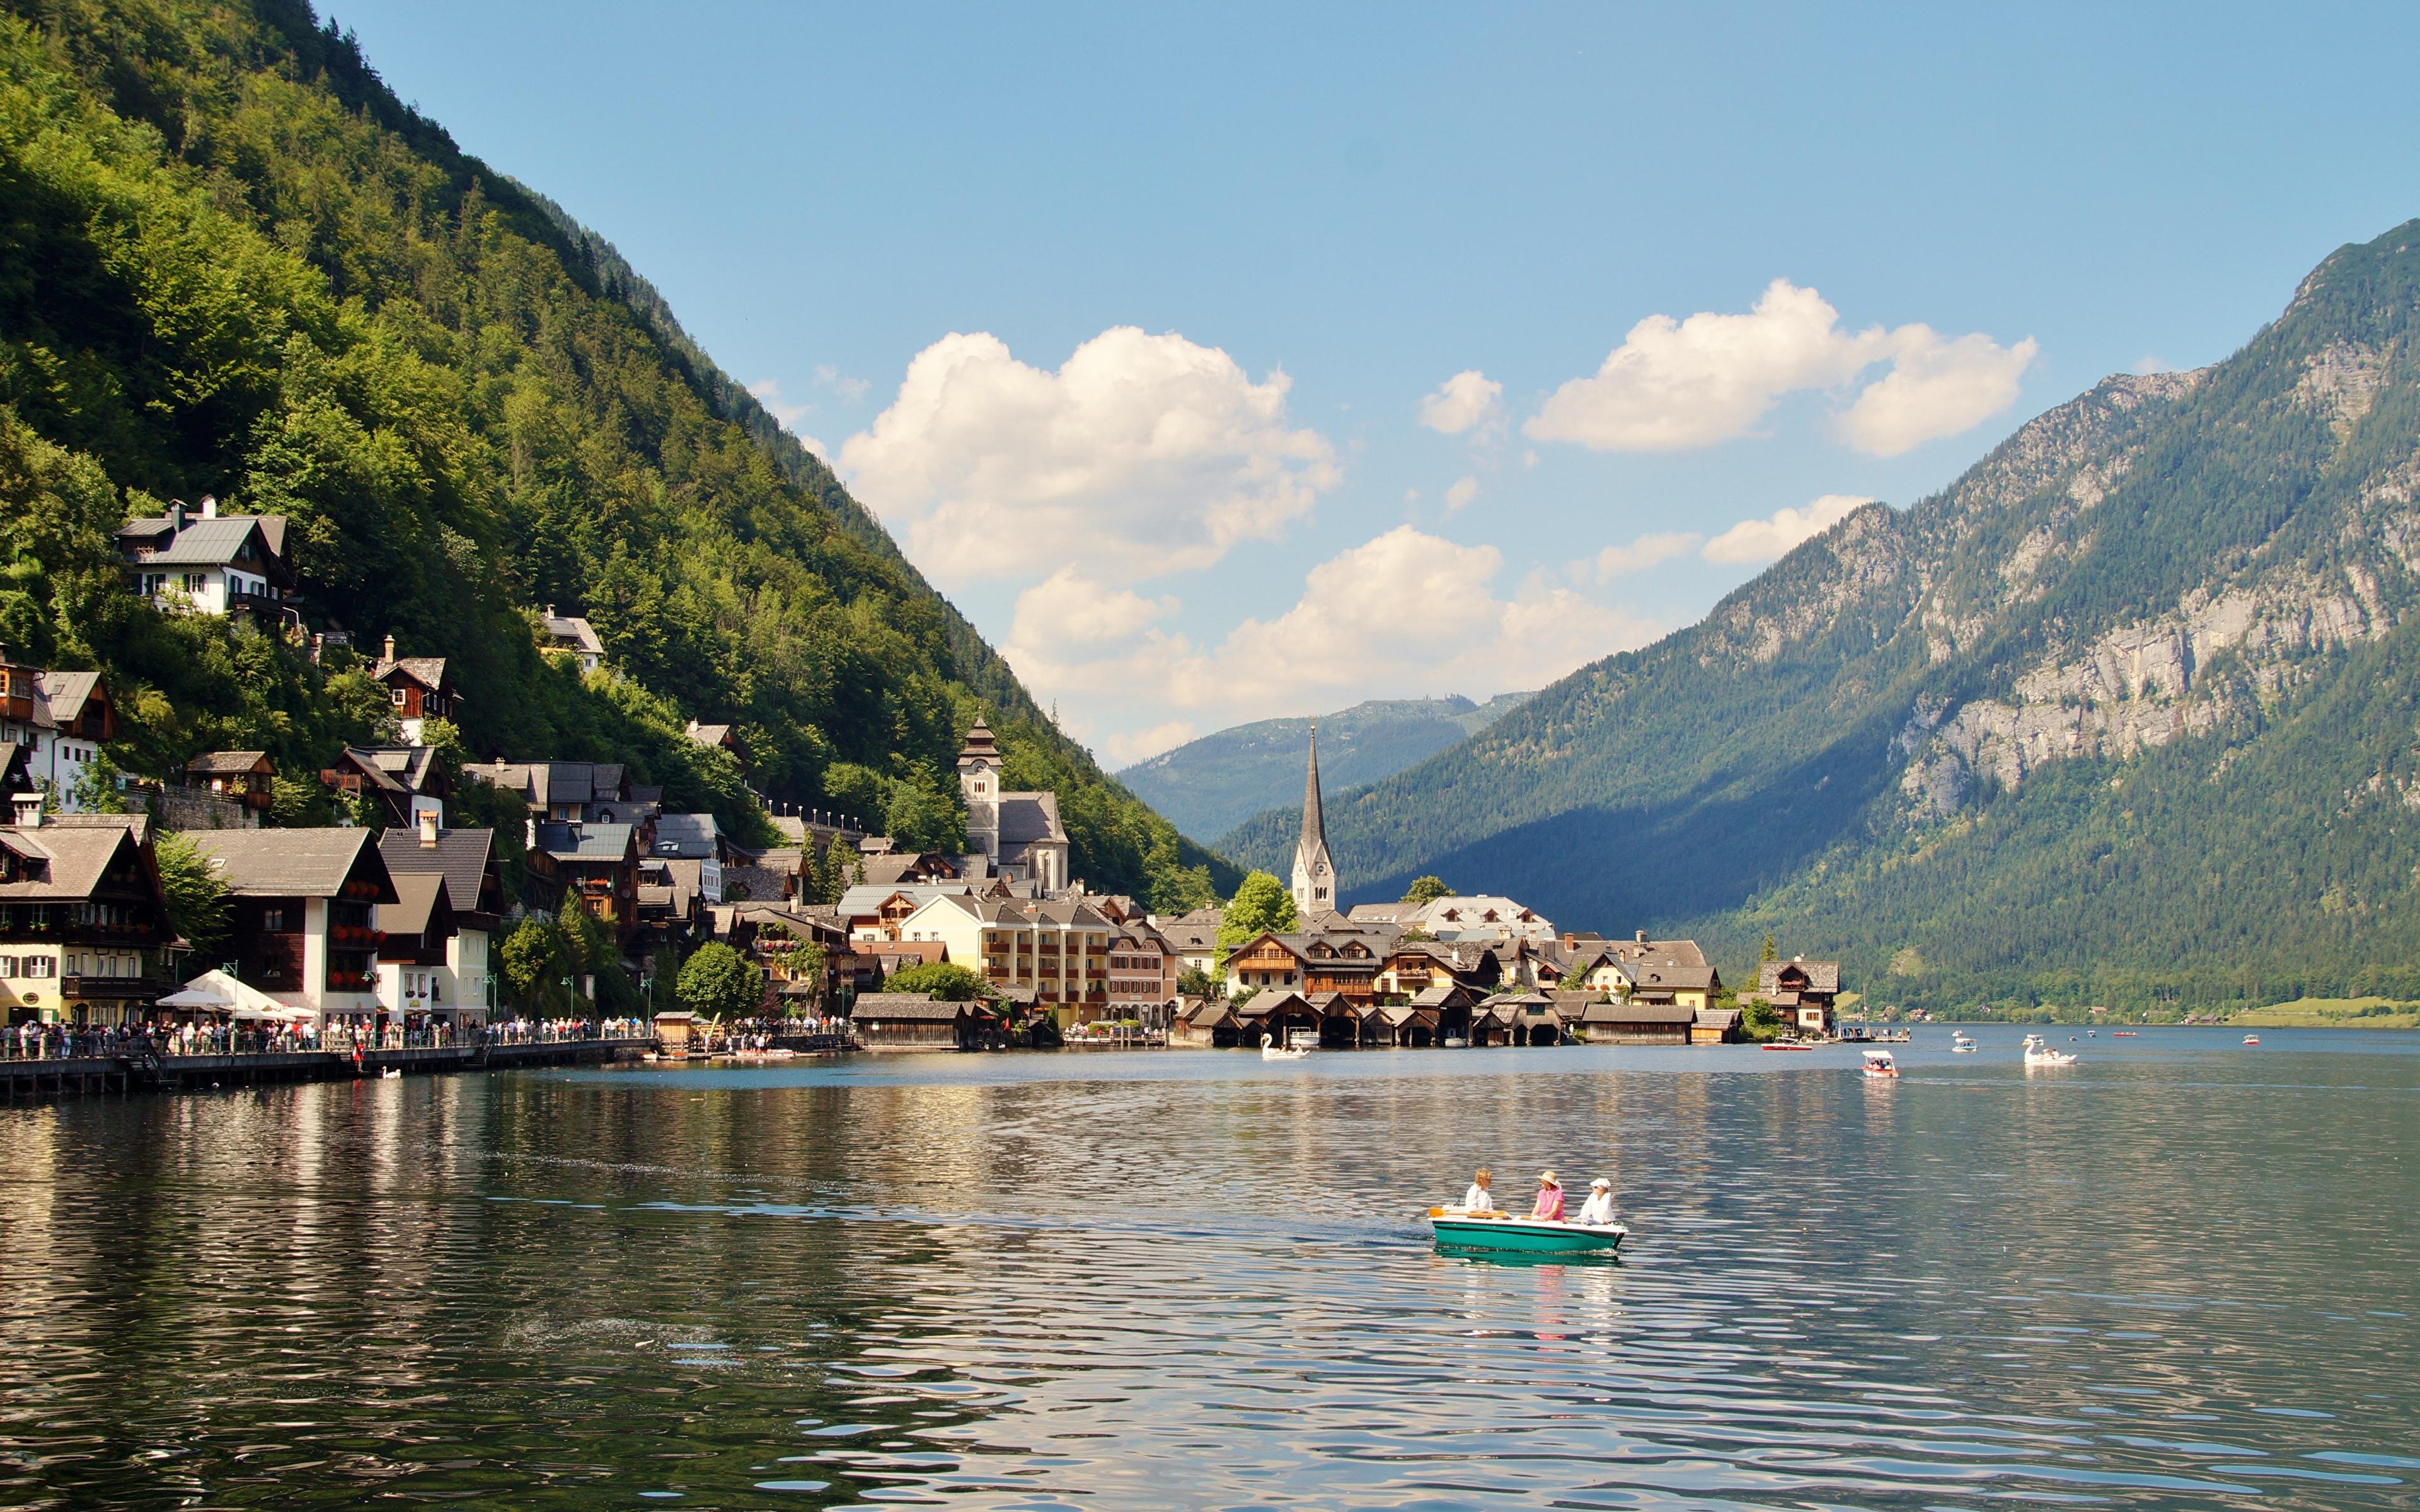 Фотографии Халльштатт Альпы Австрия Gmunden County Горы Природа Озеро Лодки Пристань Города Здания 3840x2400 Пирсы Причалы Дома